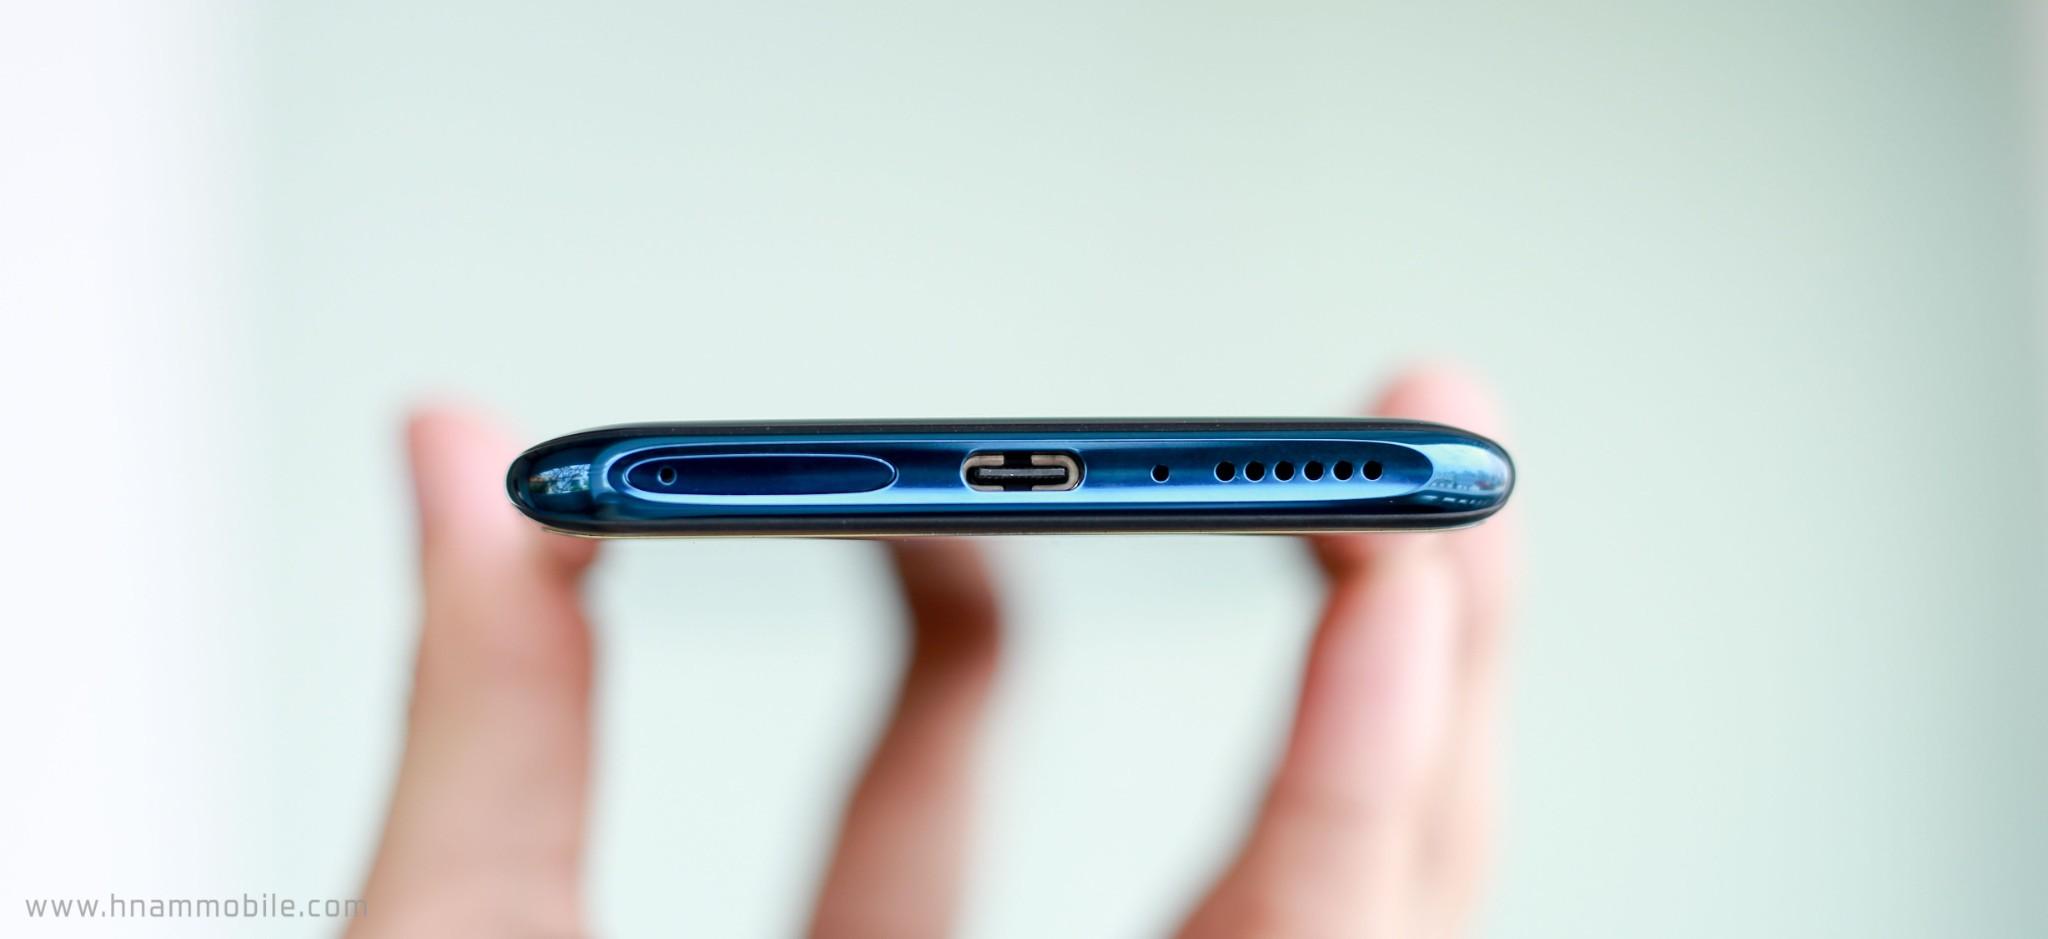 Trên tay OPPO Find X: Chiếc điện thoại đến từ tương lai? hình 17